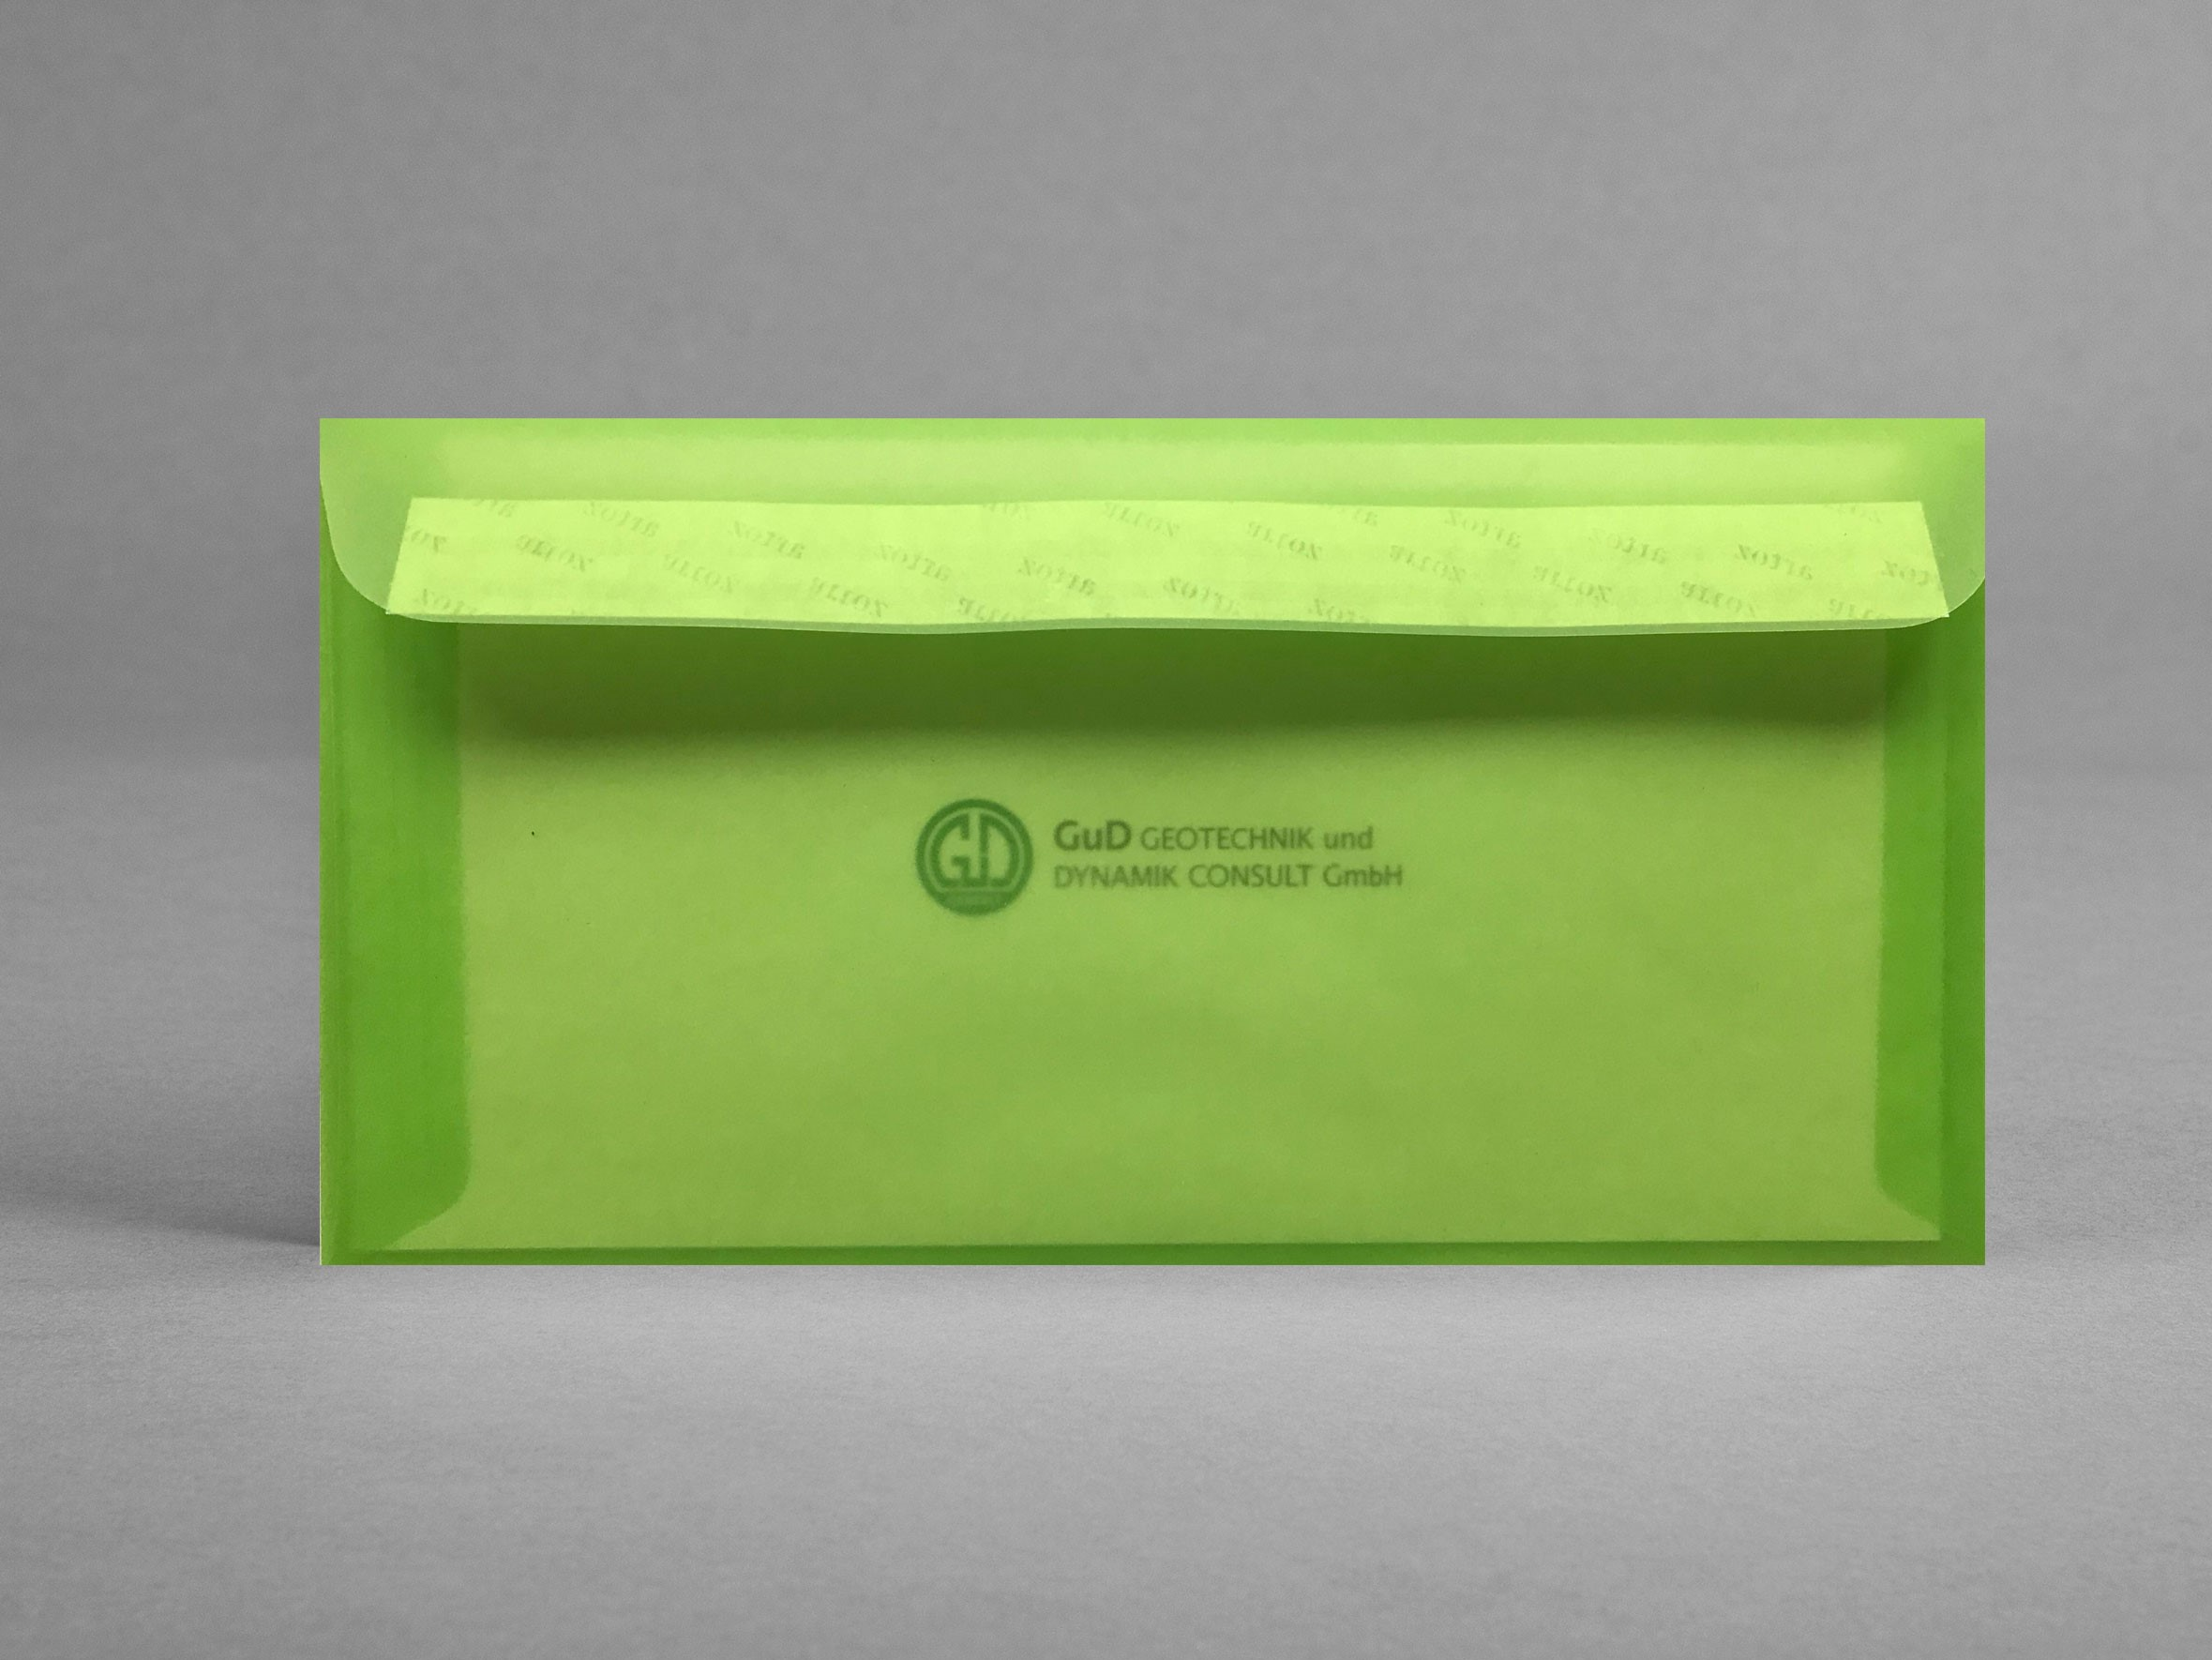 Grusskarte_Herzlich-Willkommen_Rueckseite-mit-Logo_GuD_im-lemon-gruenen-Transparentkufert_artoz_grusskarten-designZn4JOxnfn10g5